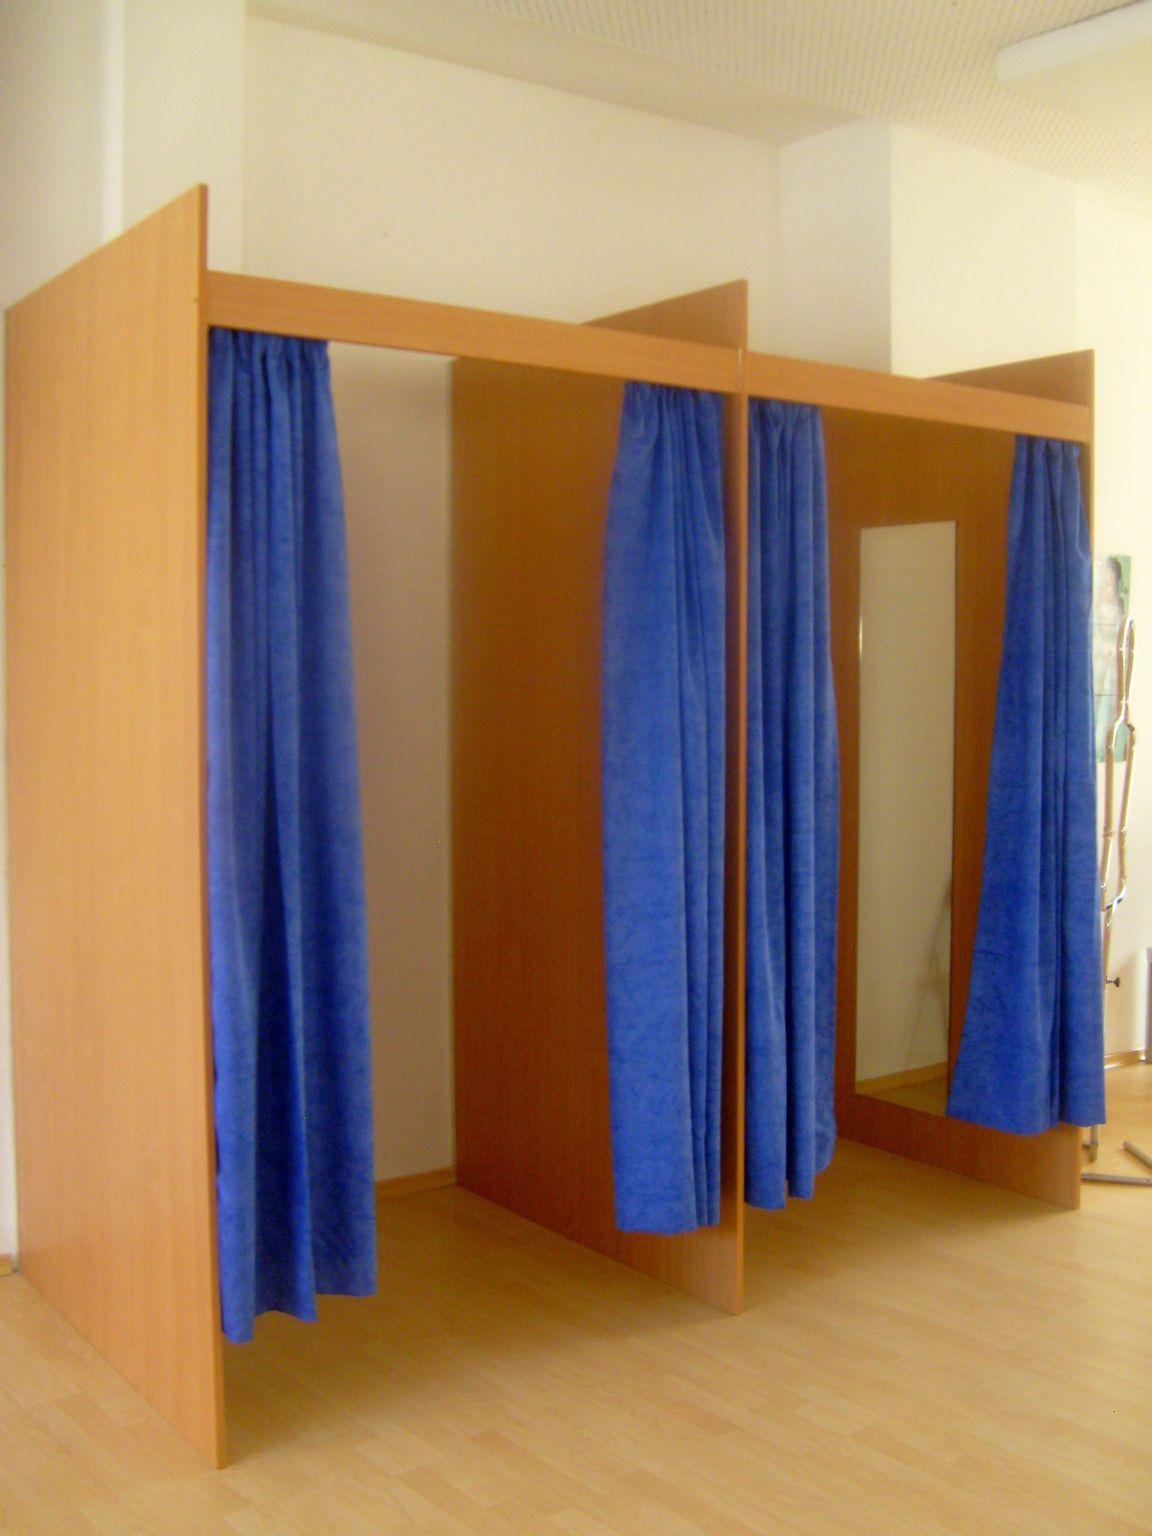 ladeneinrichtung gebraucht textil umdasch ladeneinrichtung textil f r 120 qm gebraucht g nstig. Black Bedroom Furniture Sets. Home Design Ideas